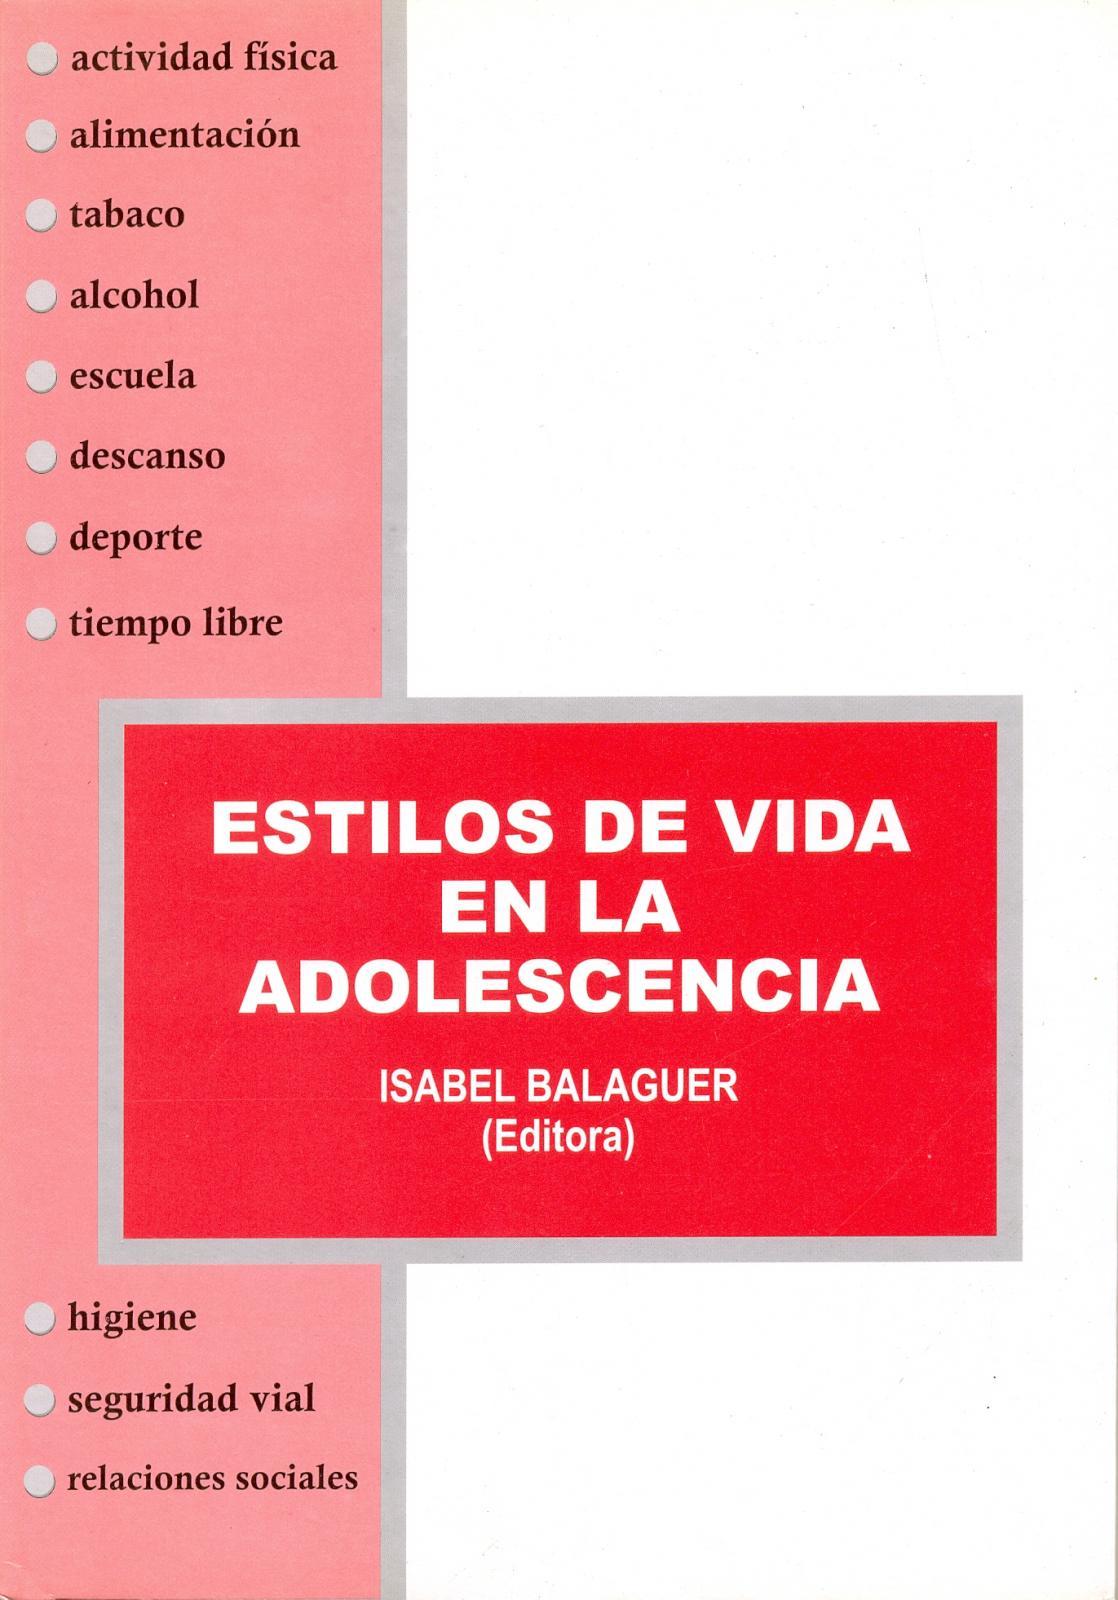 ESTILOS DE VIDA EN LA ADOLESCENCIA